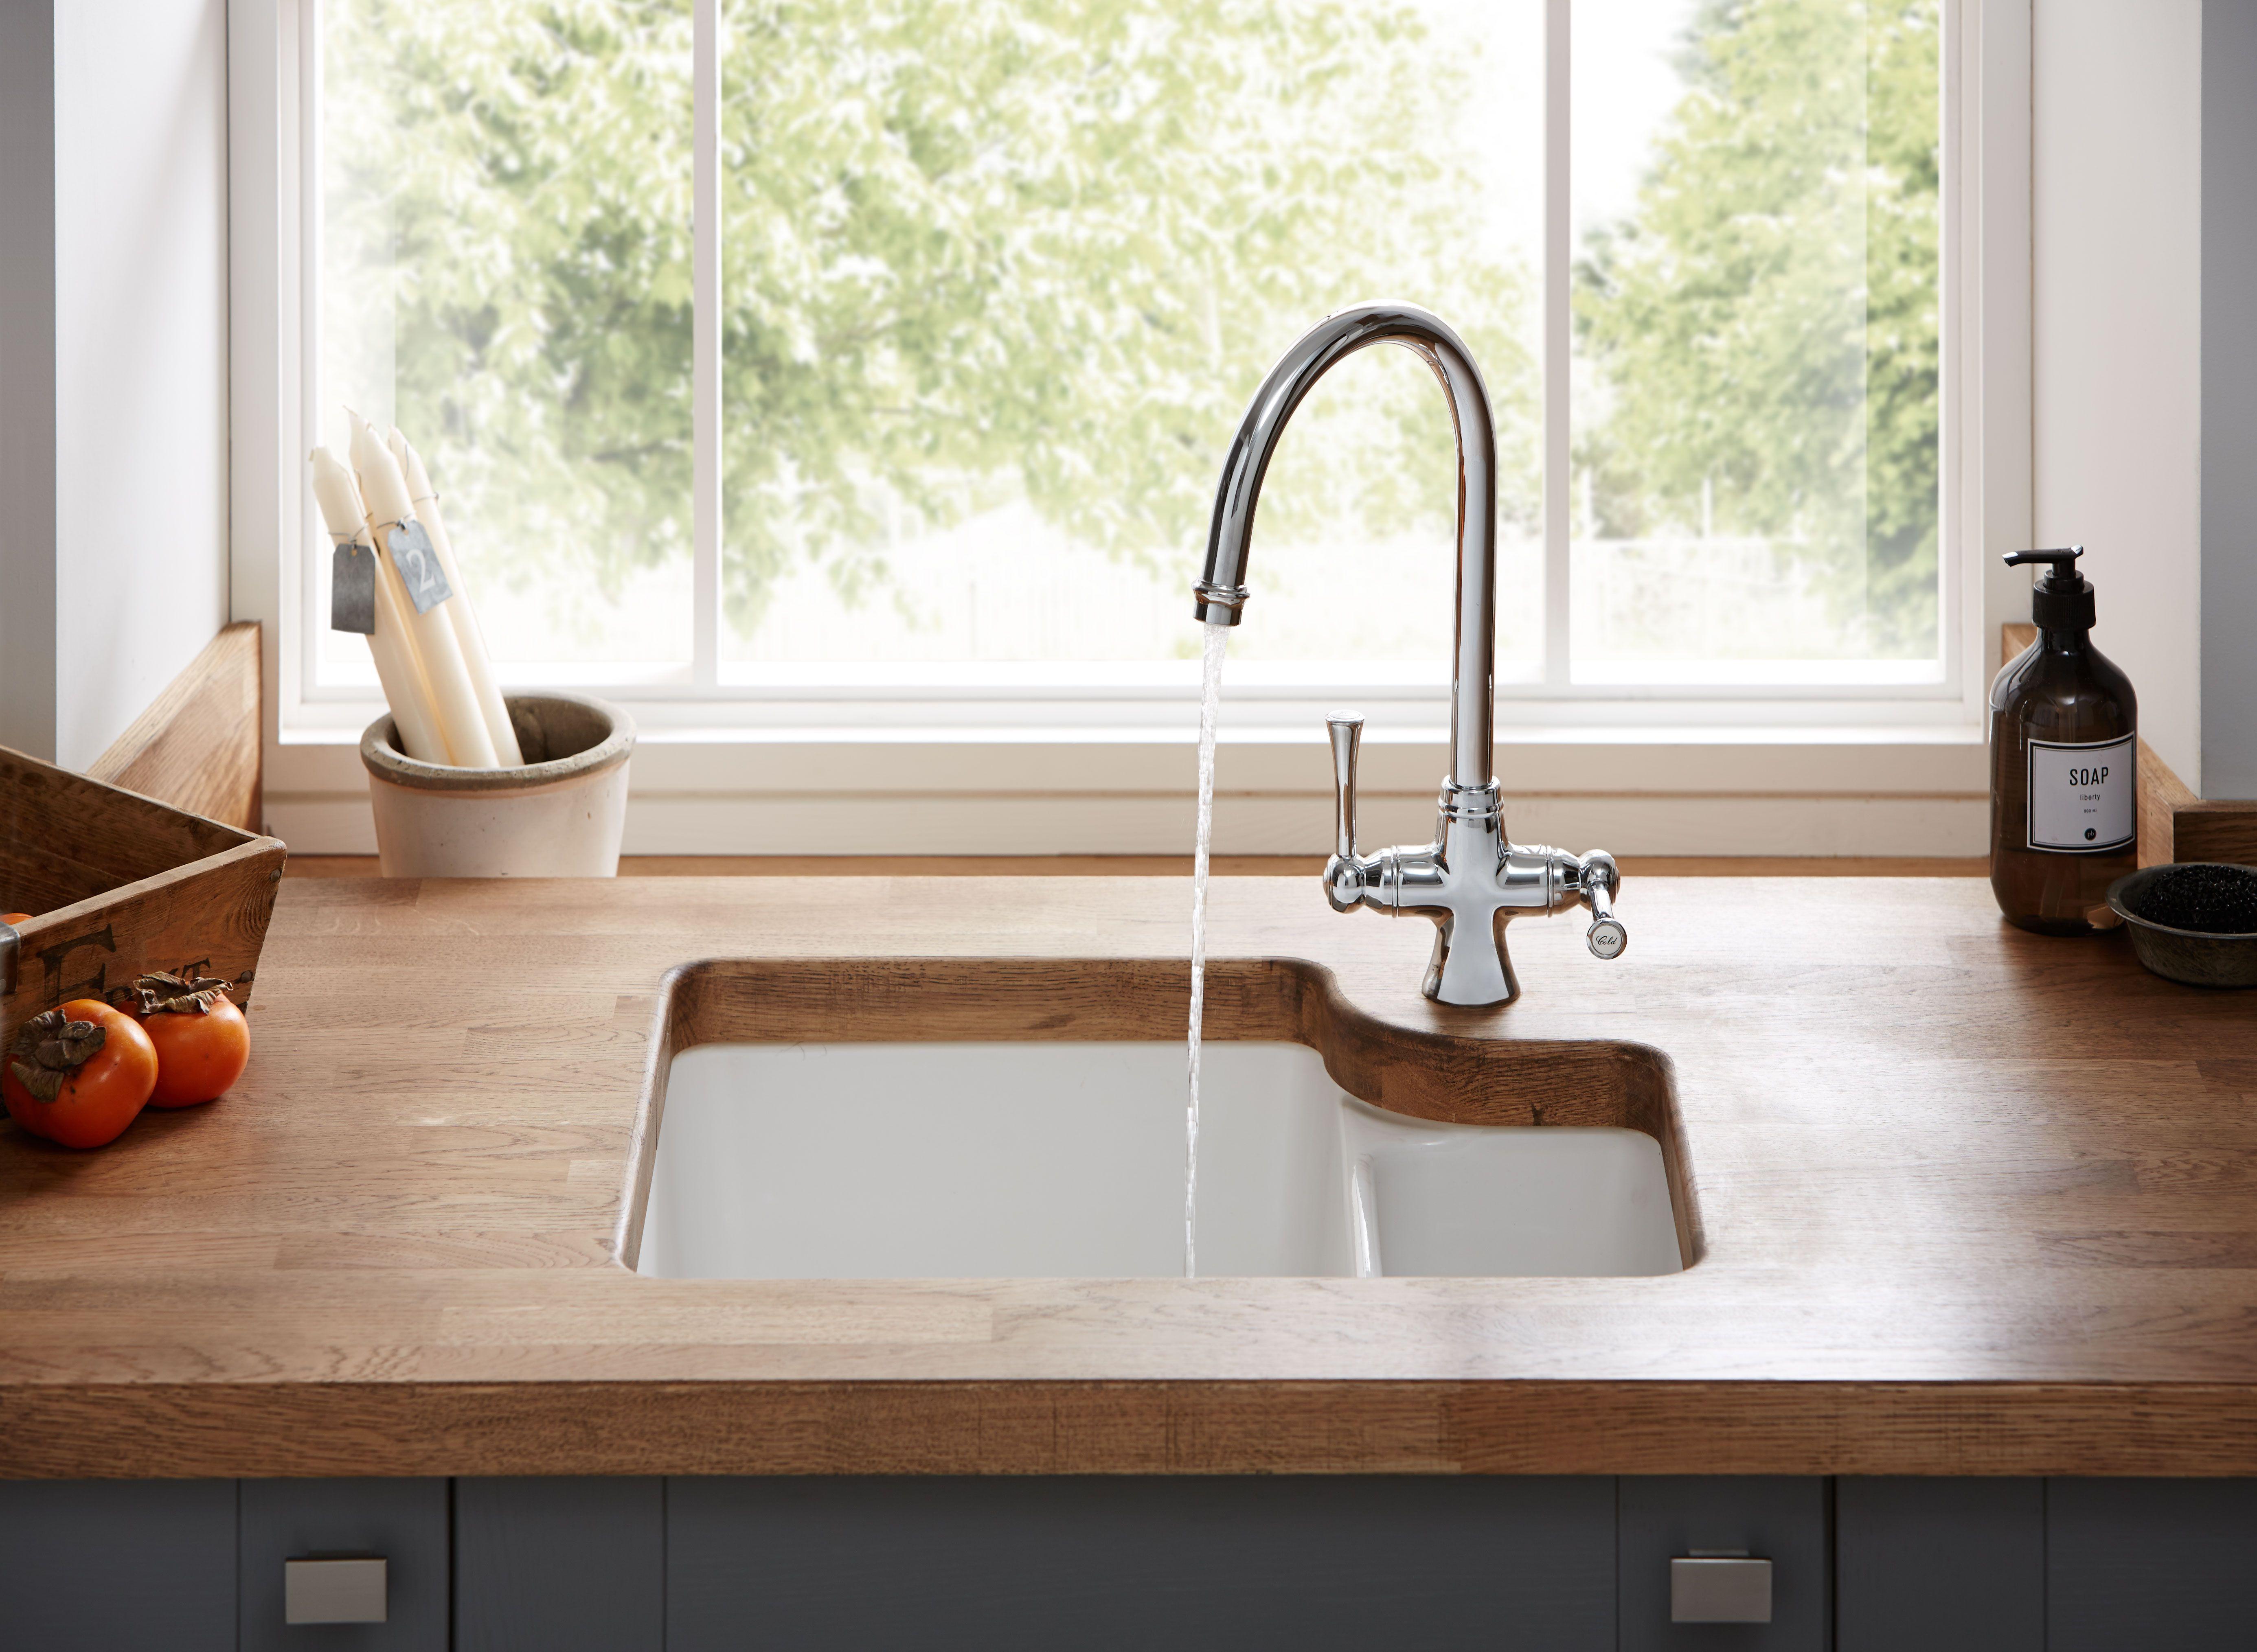 Kitchens In 2019 Home Kitchen Ceramic Undermount Sink